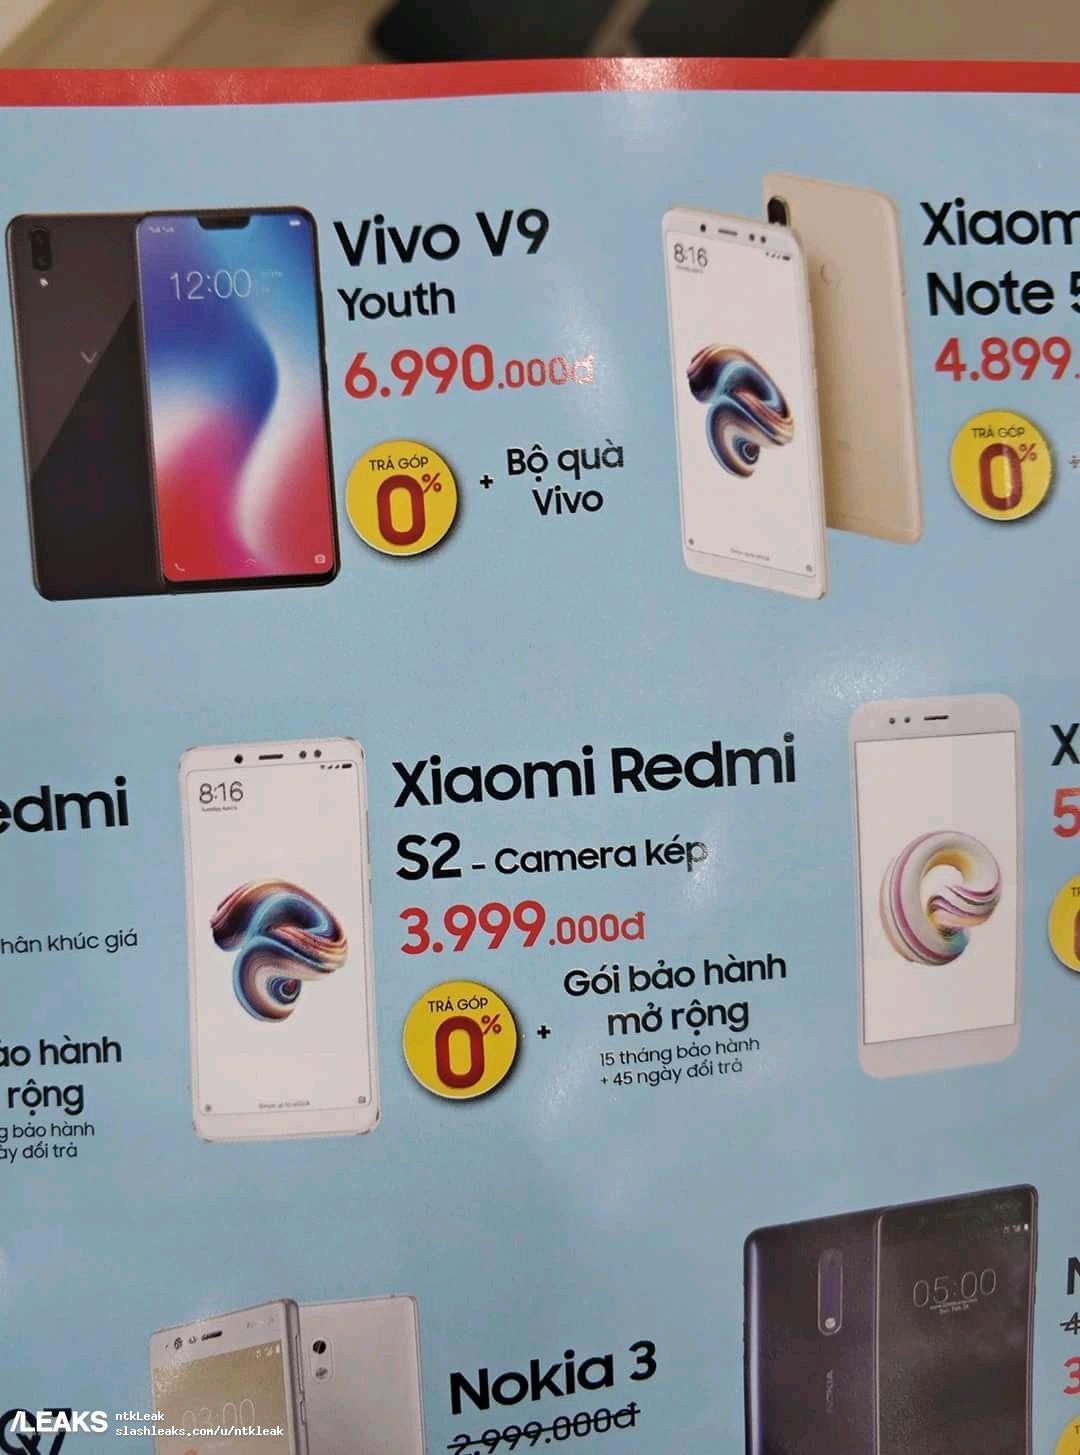 img Price Redmi S2 in VN